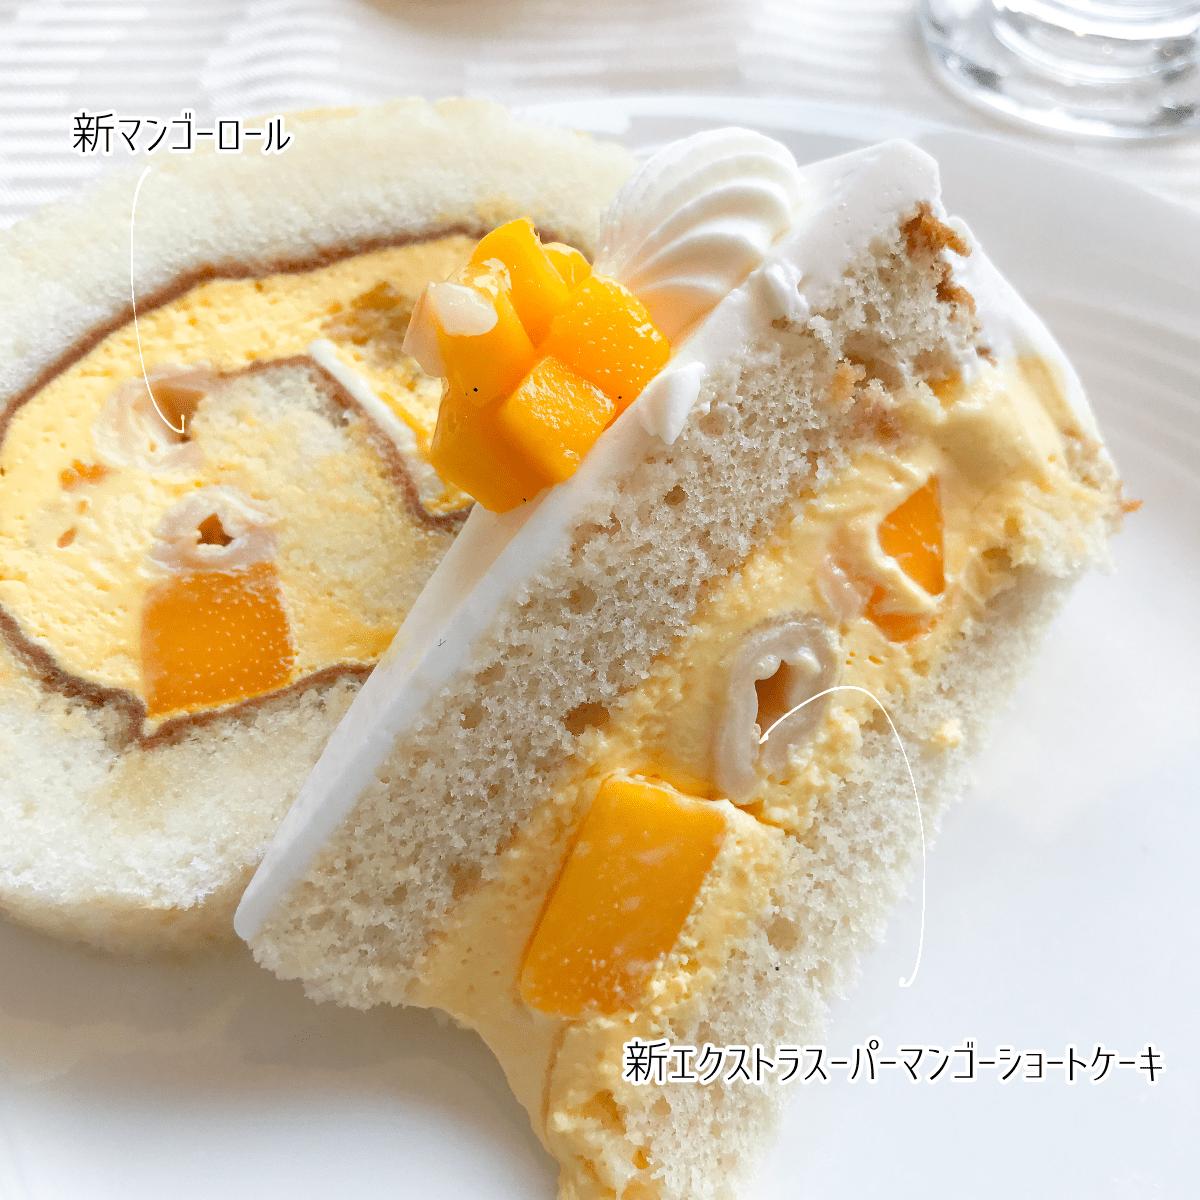 最初にいただいたお皿はSATSUKIさんのマンゴースイーツを